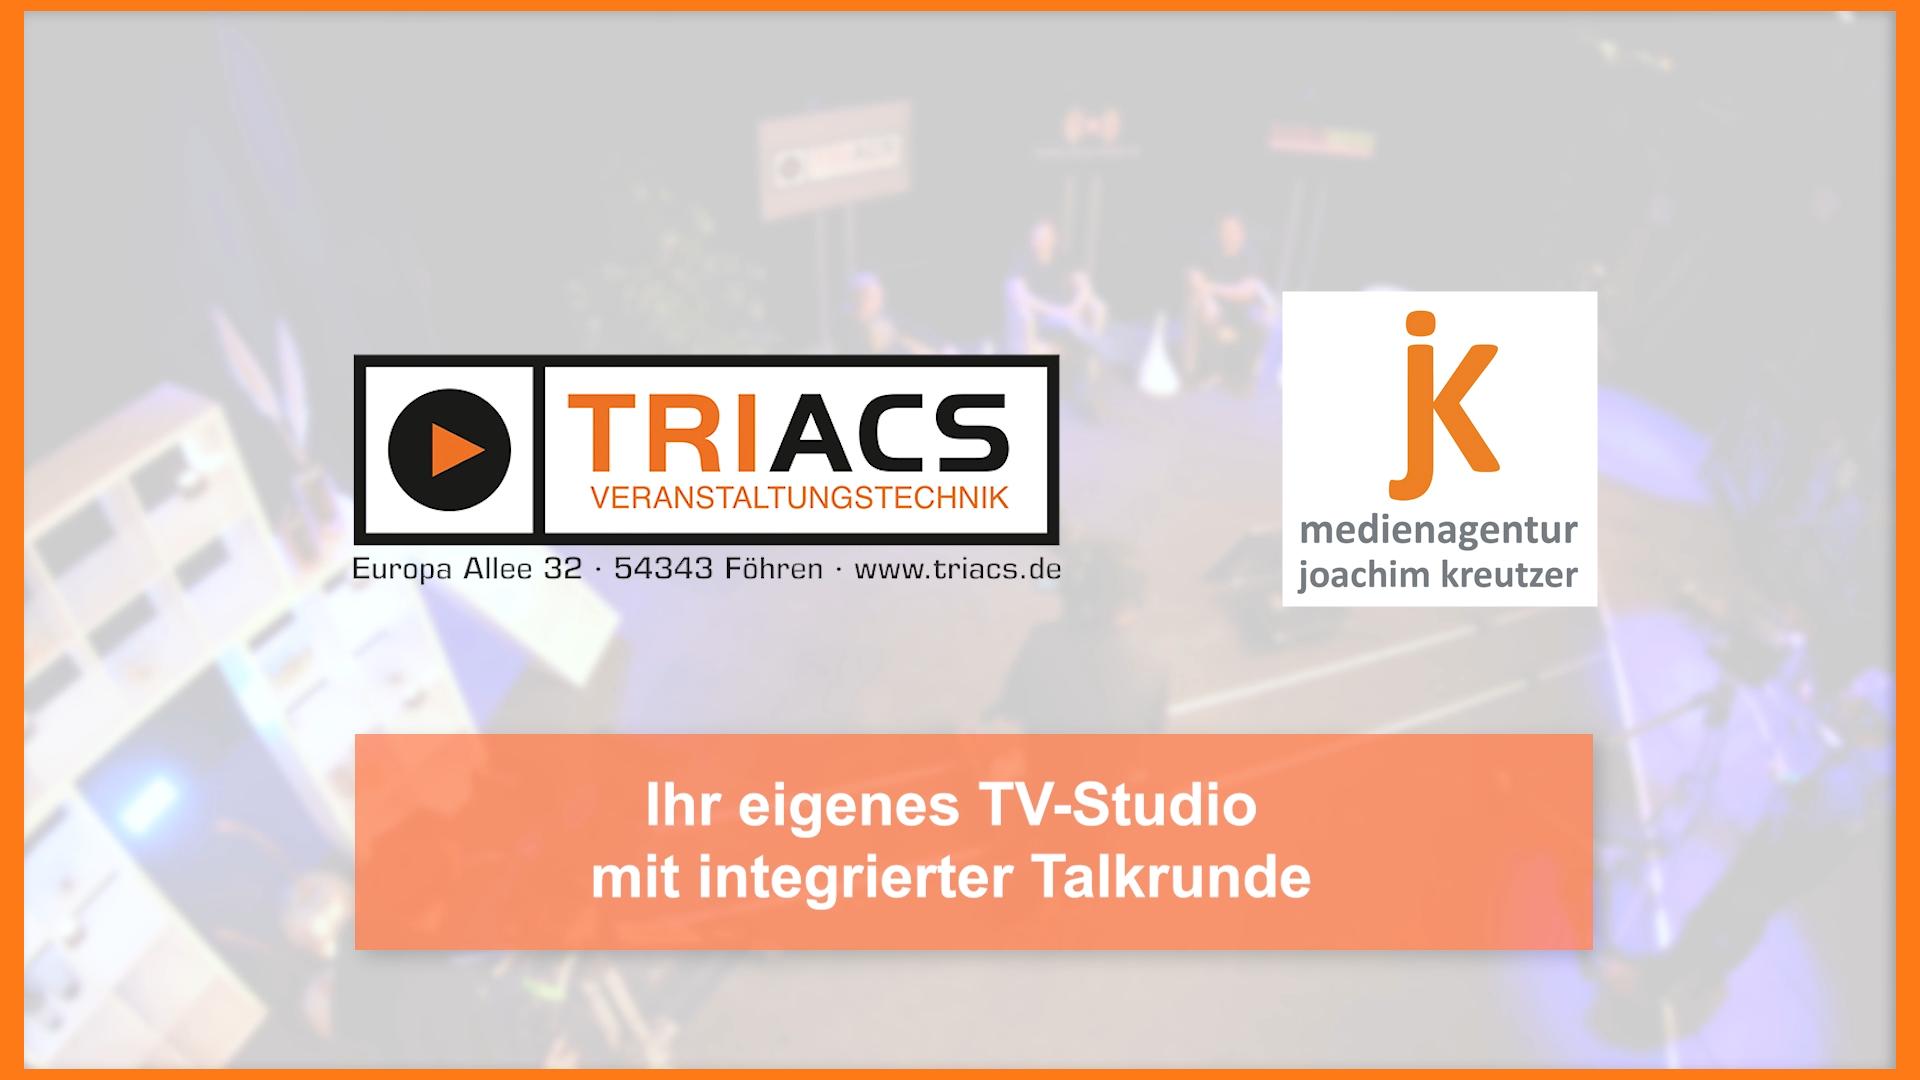 Triacs TV-Studio Talkrunde Talkshow